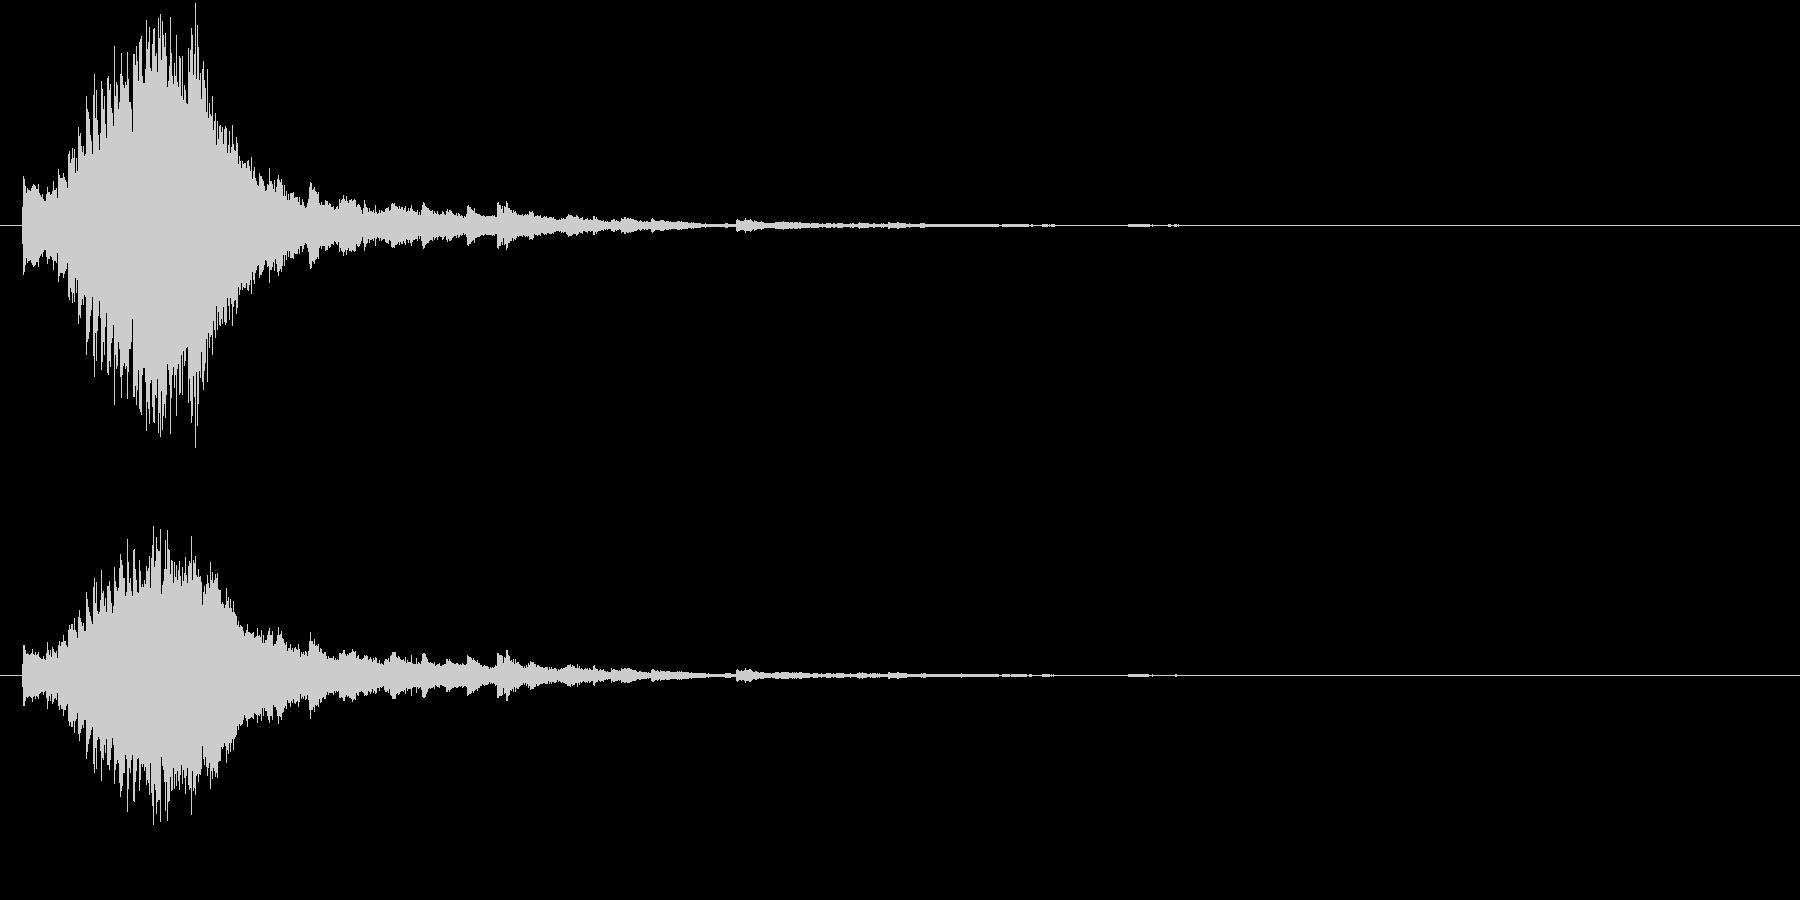 キラキラ  星  グロッケンの未再生の波形